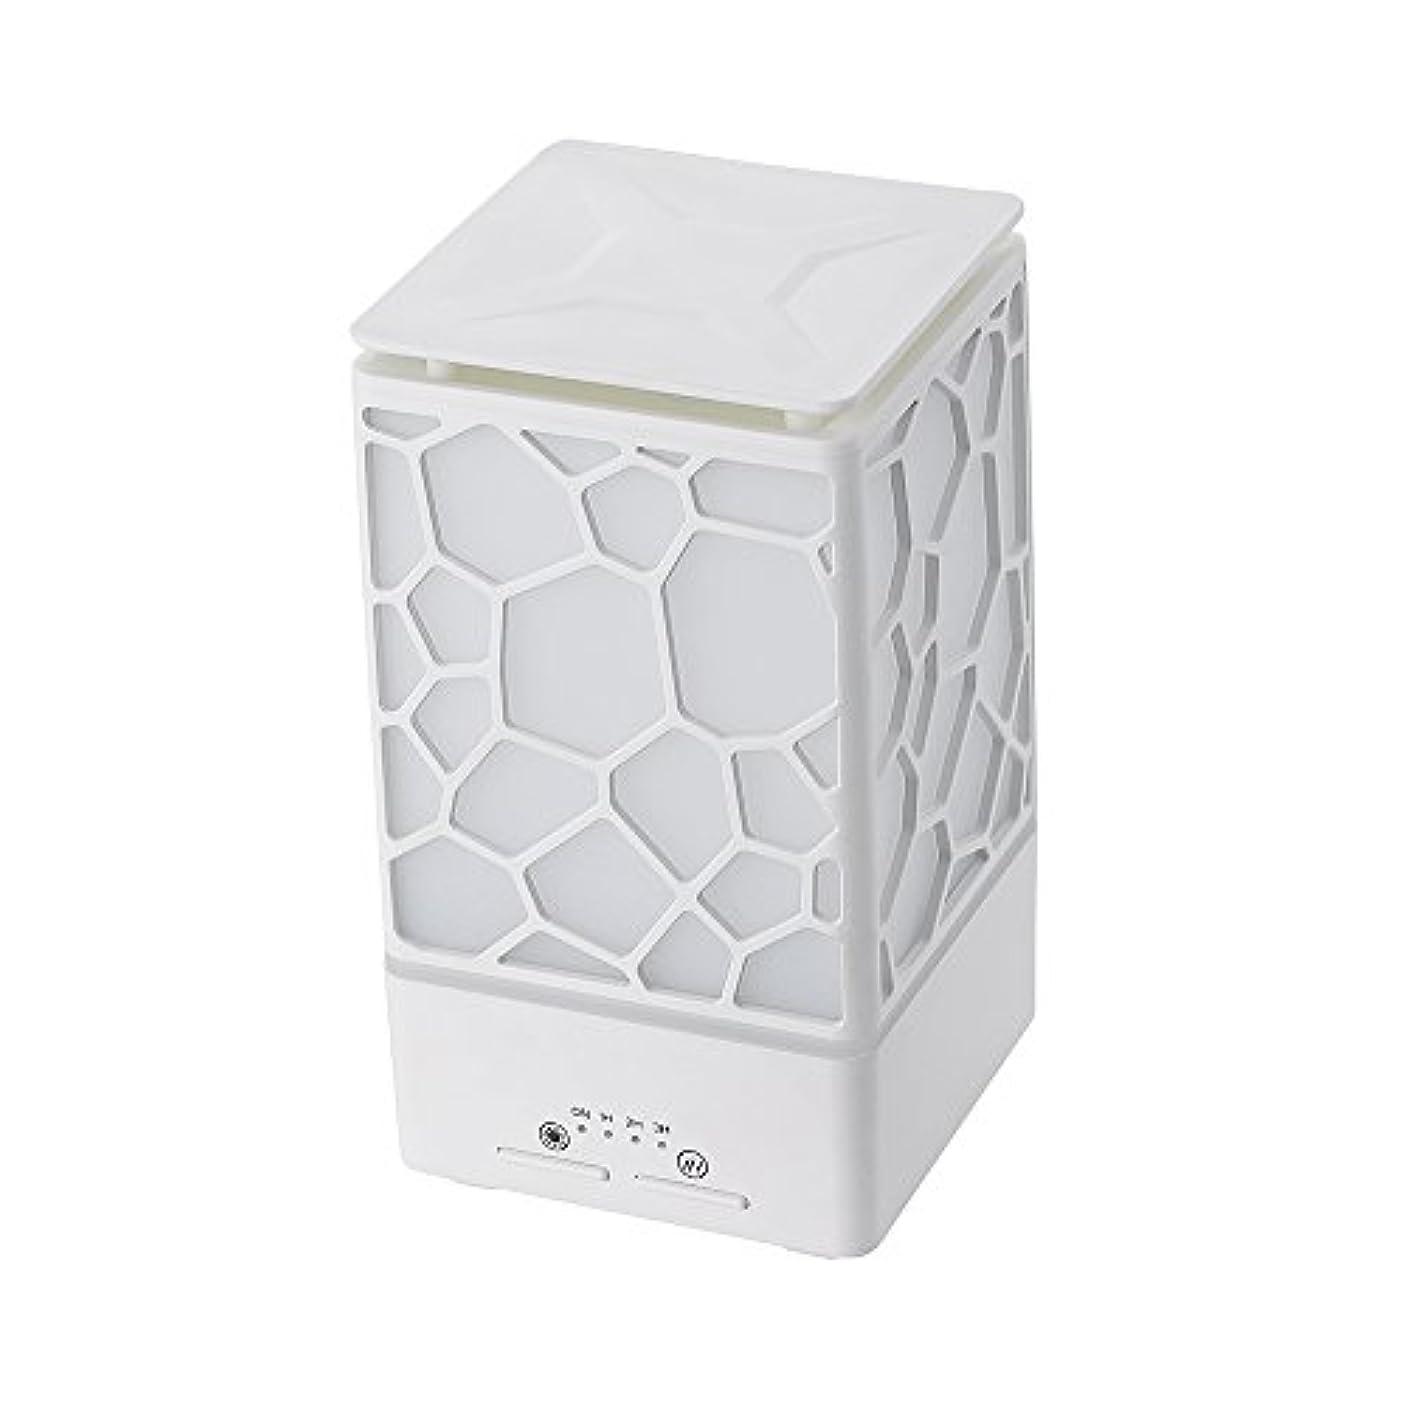 メトリックコンチネンタル原理200ミリリットルアロマオイルディフューザー、3つの作業モードでウッドグレインアロマオイルディフューザーウォーターレスオートオフ7色ledライト,White